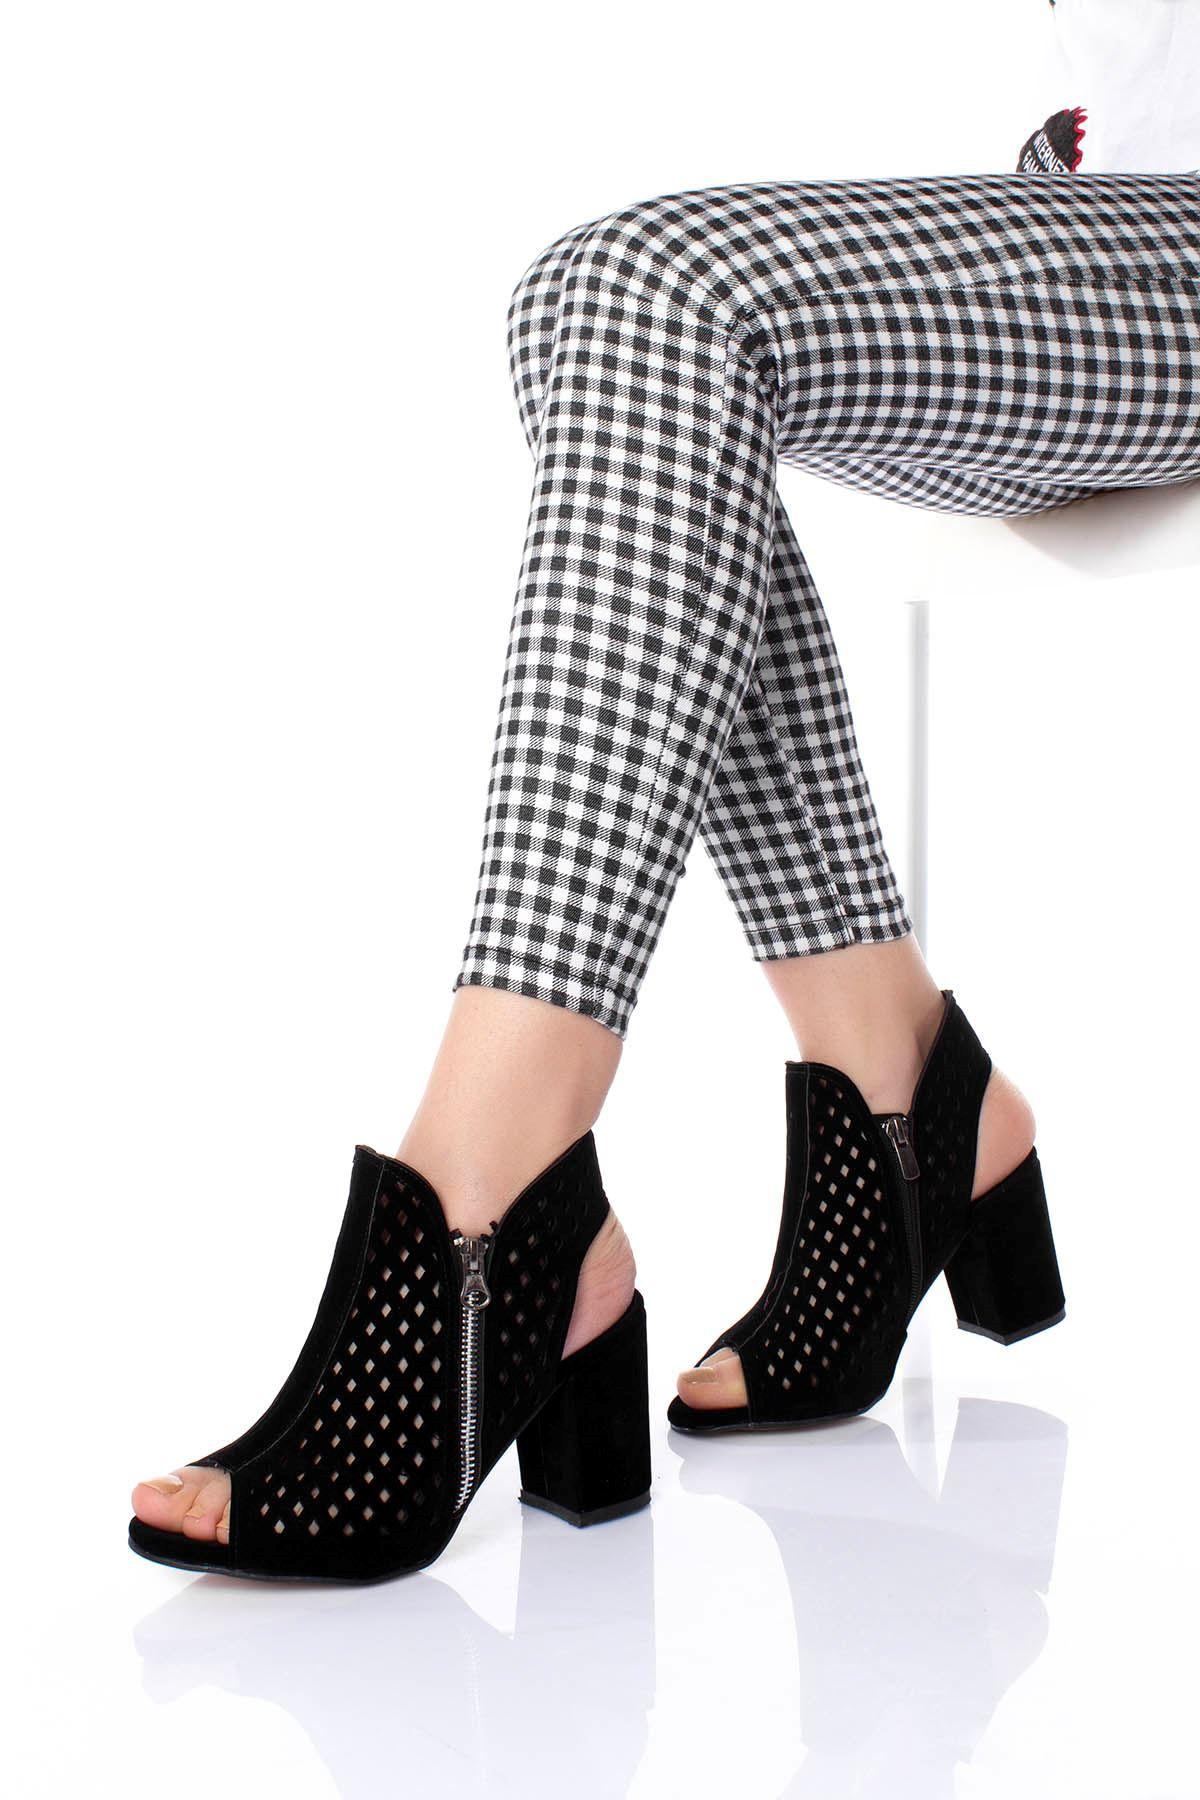 Burnu Açık Kafes Model Kadın ayakkabı